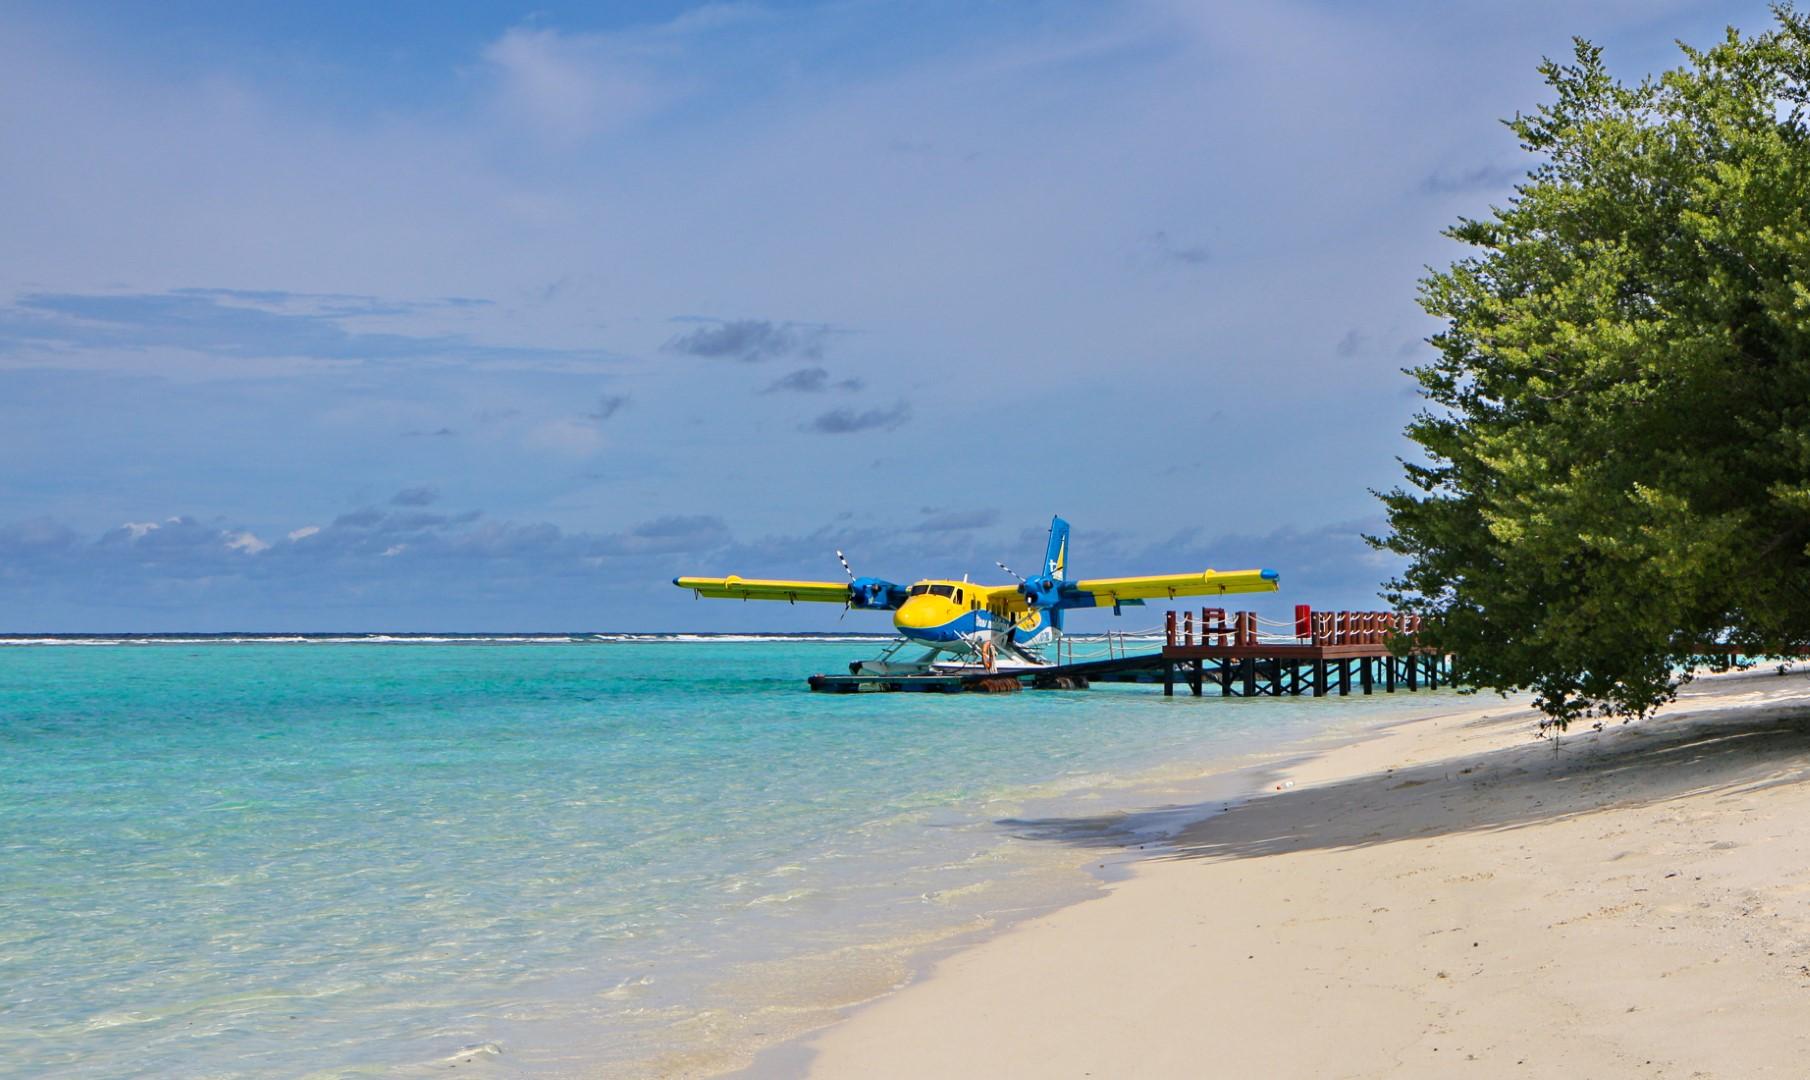 Donnavventura a Palm Beach